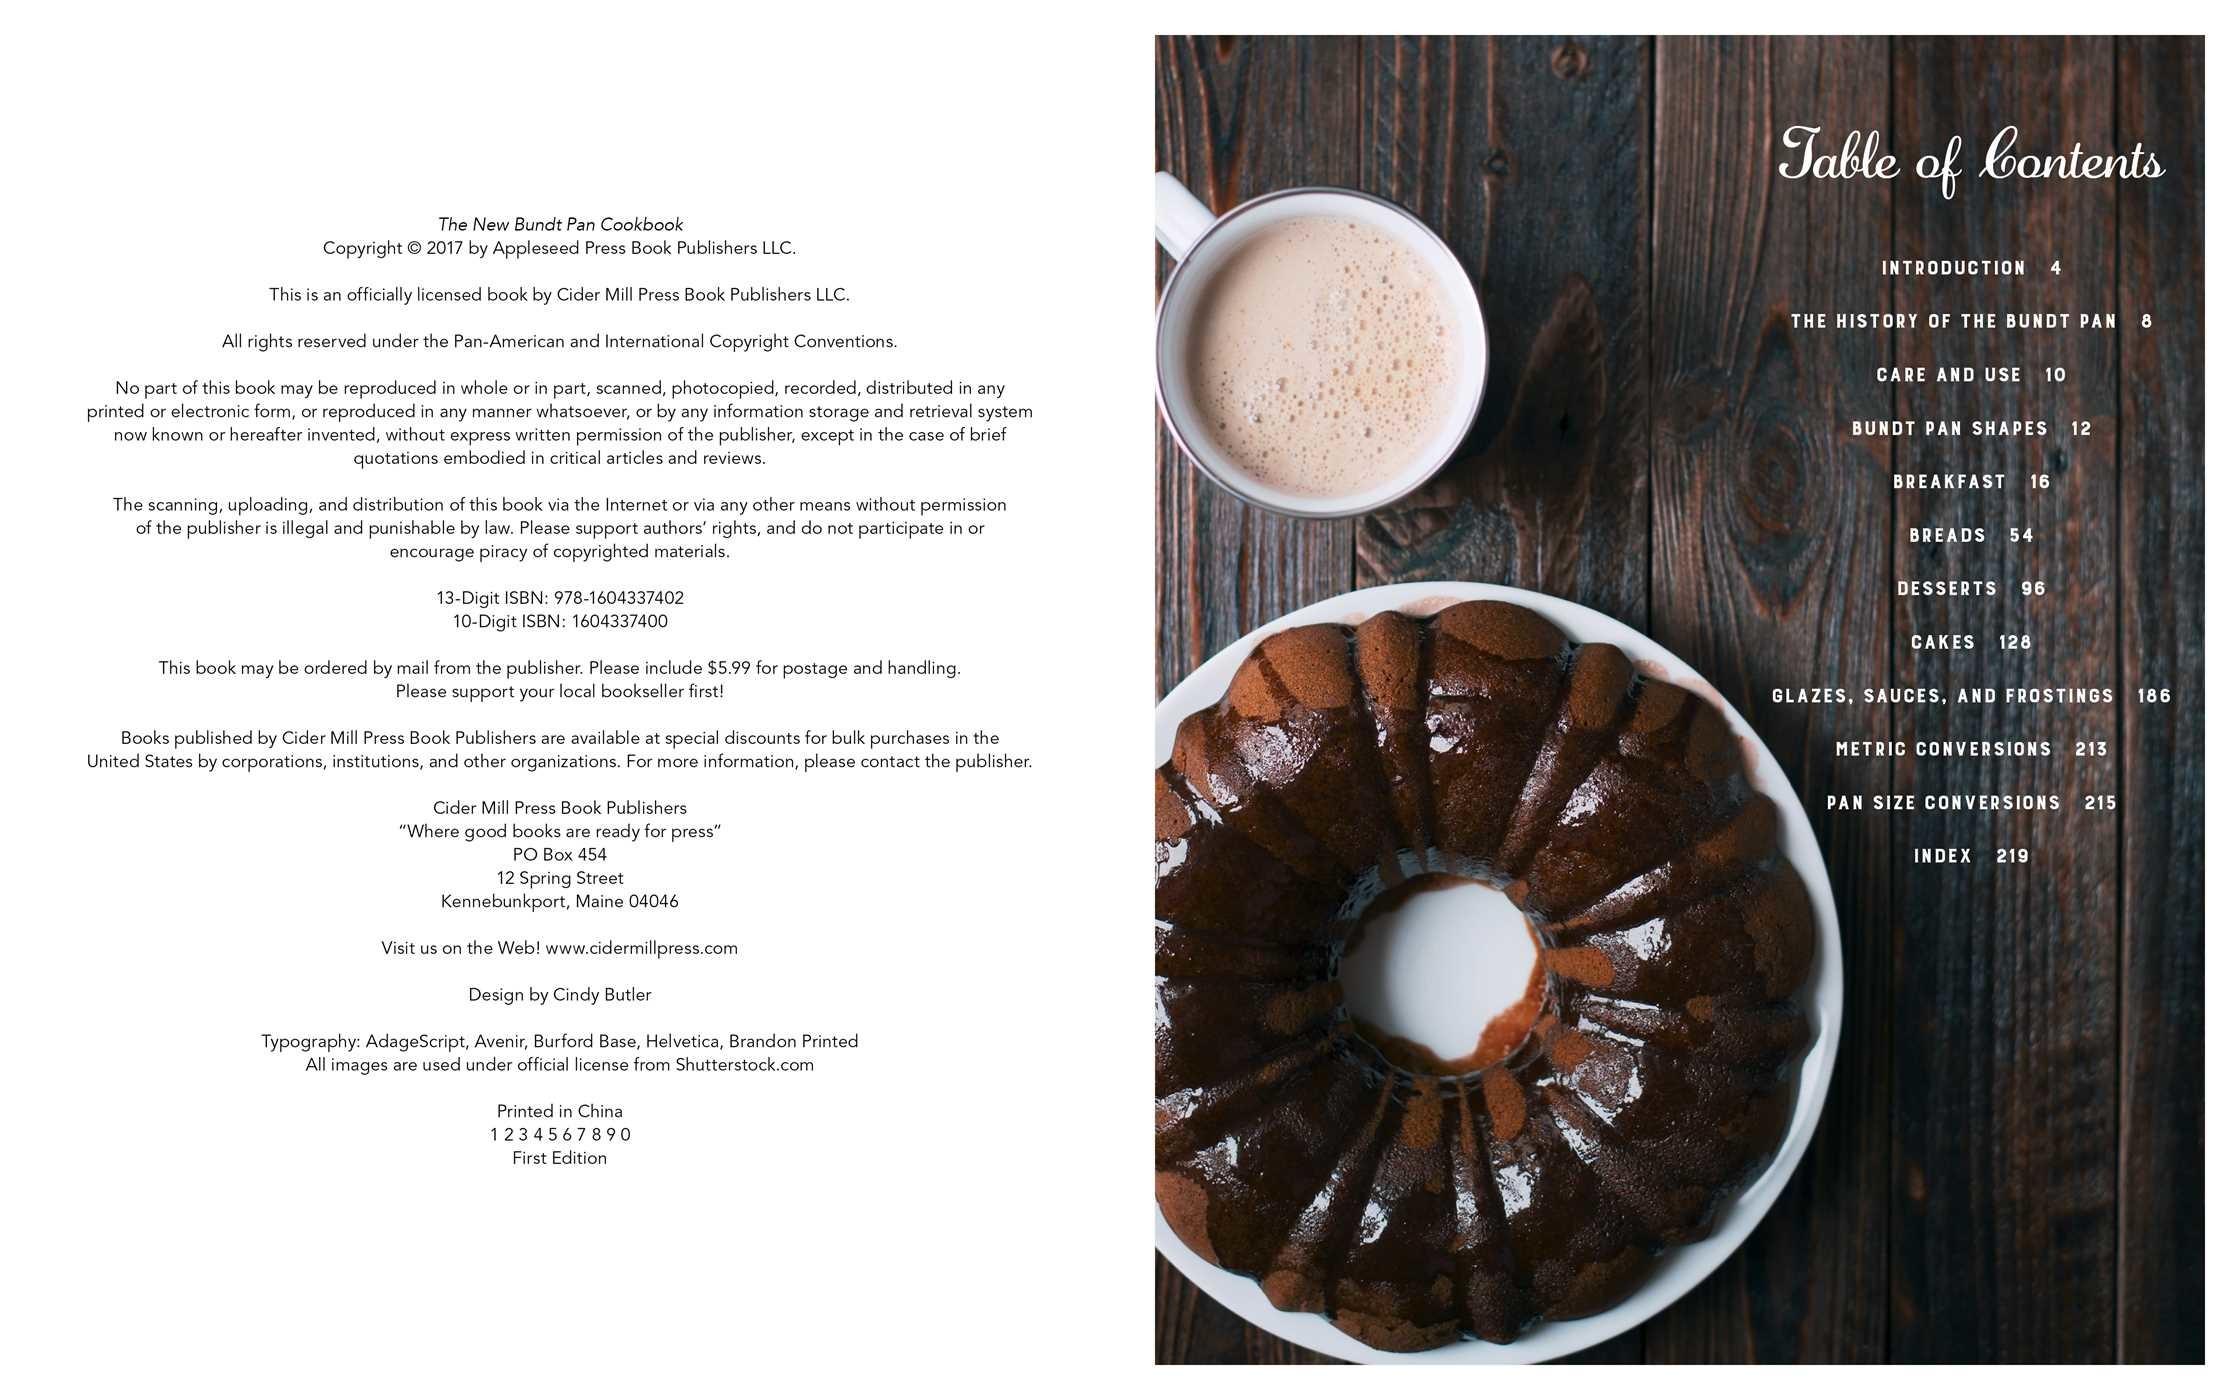 The new bundt pan cookbook 9781604337402.in01